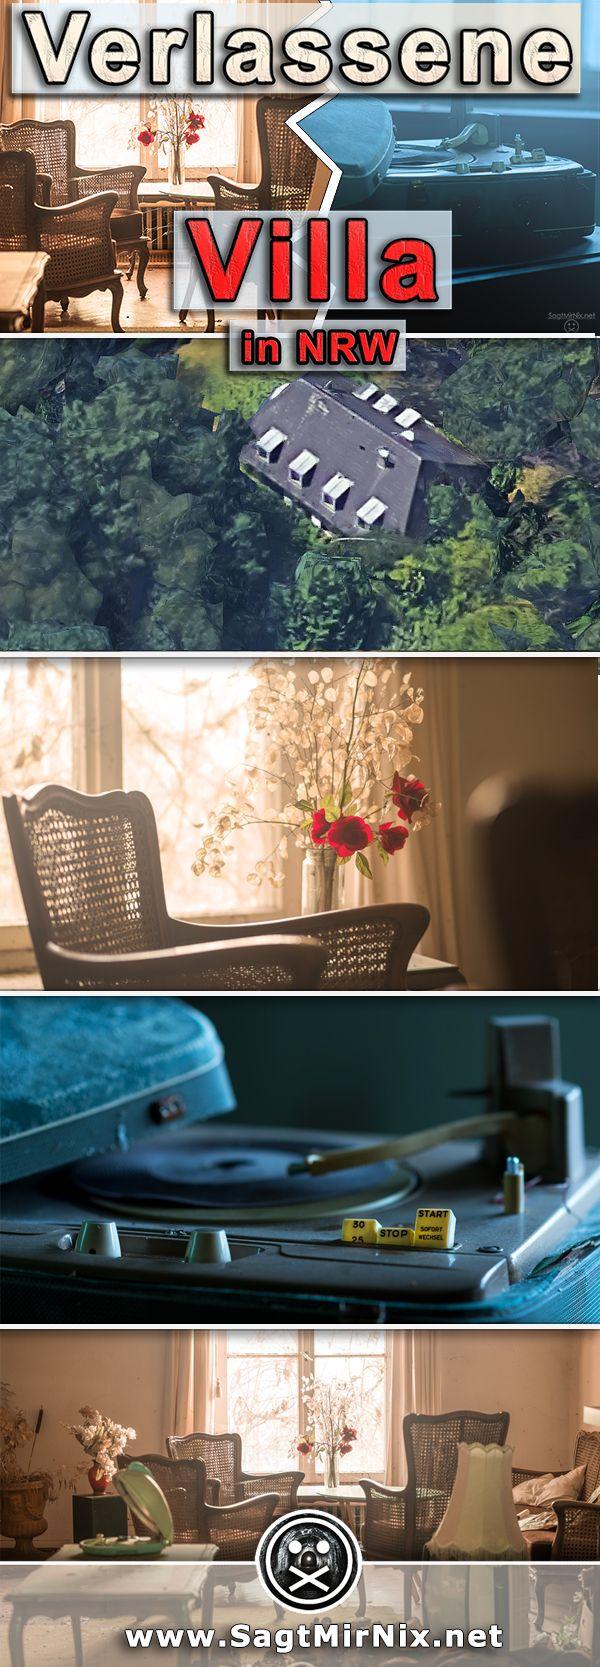 Lost Place: Alte Villa in NRW - ehemals wohnte ein wohlhabender Stahlwerksdirektor von Krupp in dem prächtigen Haus, nun steht das verlassene Gebäude seit 40 Jahren leer. Die Fotos unserer letzten Urban Exploration- bzw. Urbex-Tour. Verlassene Orte in NRW.